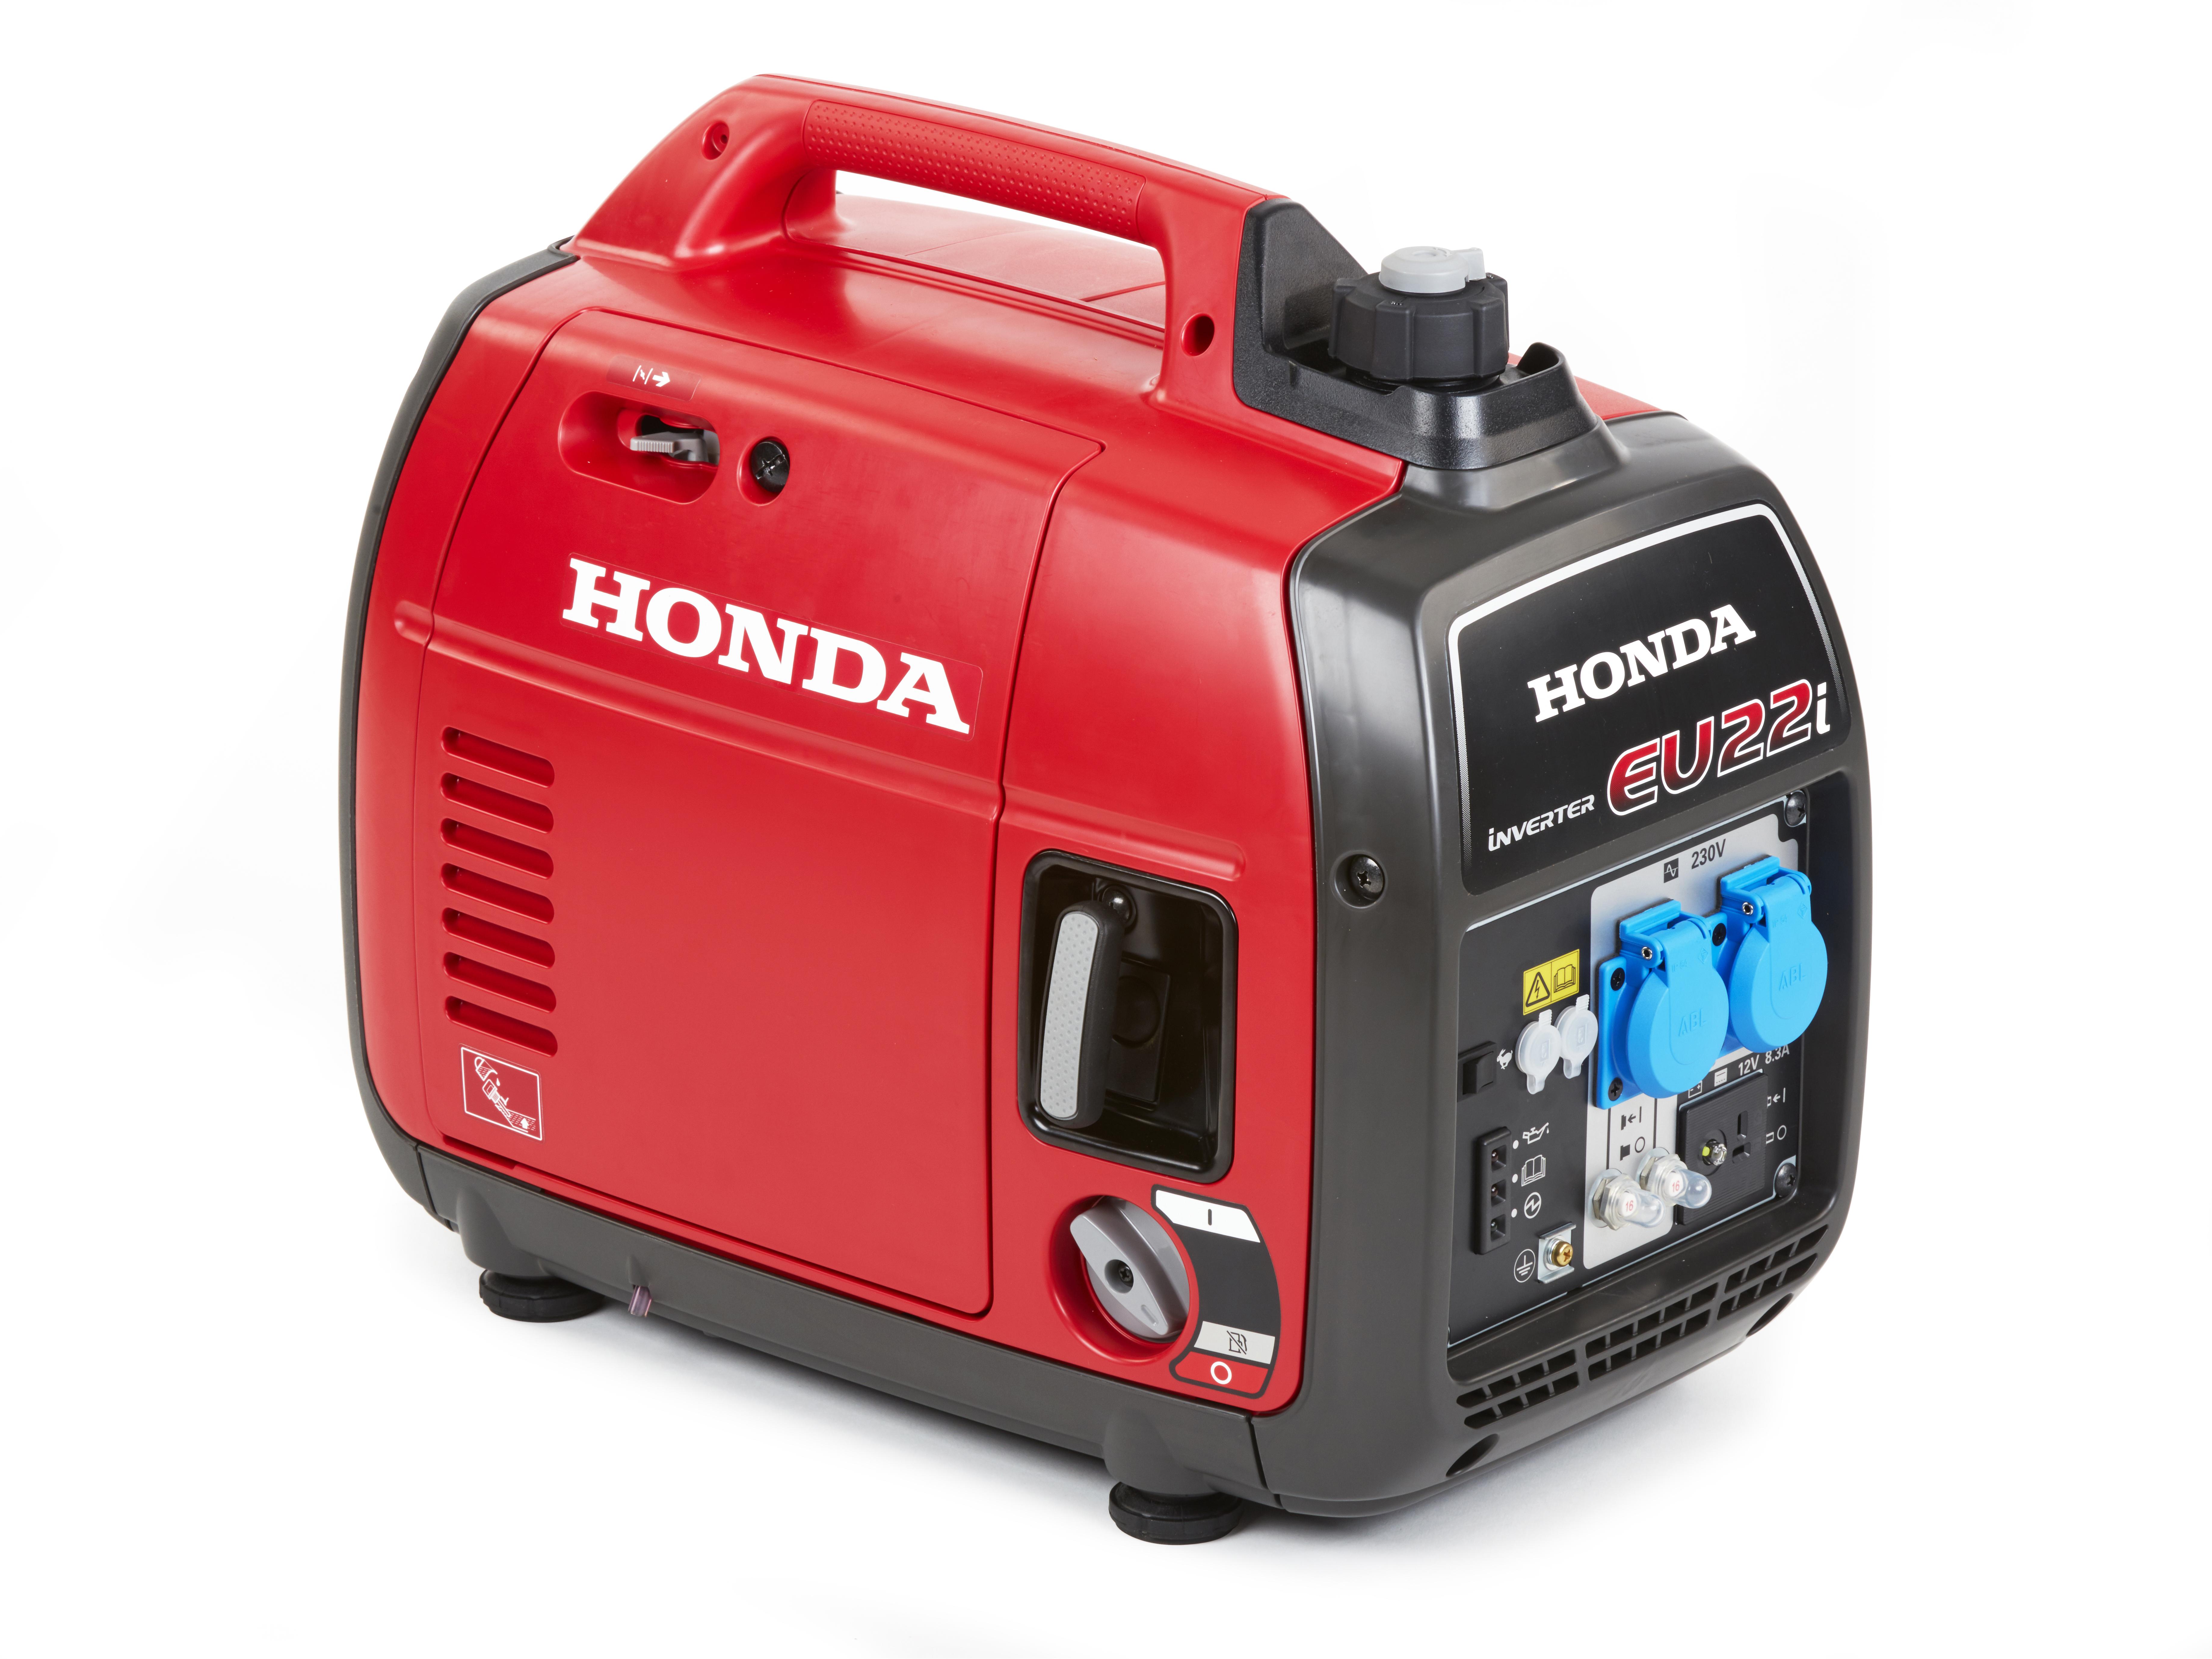 Honda EU22i-generaattori H0005